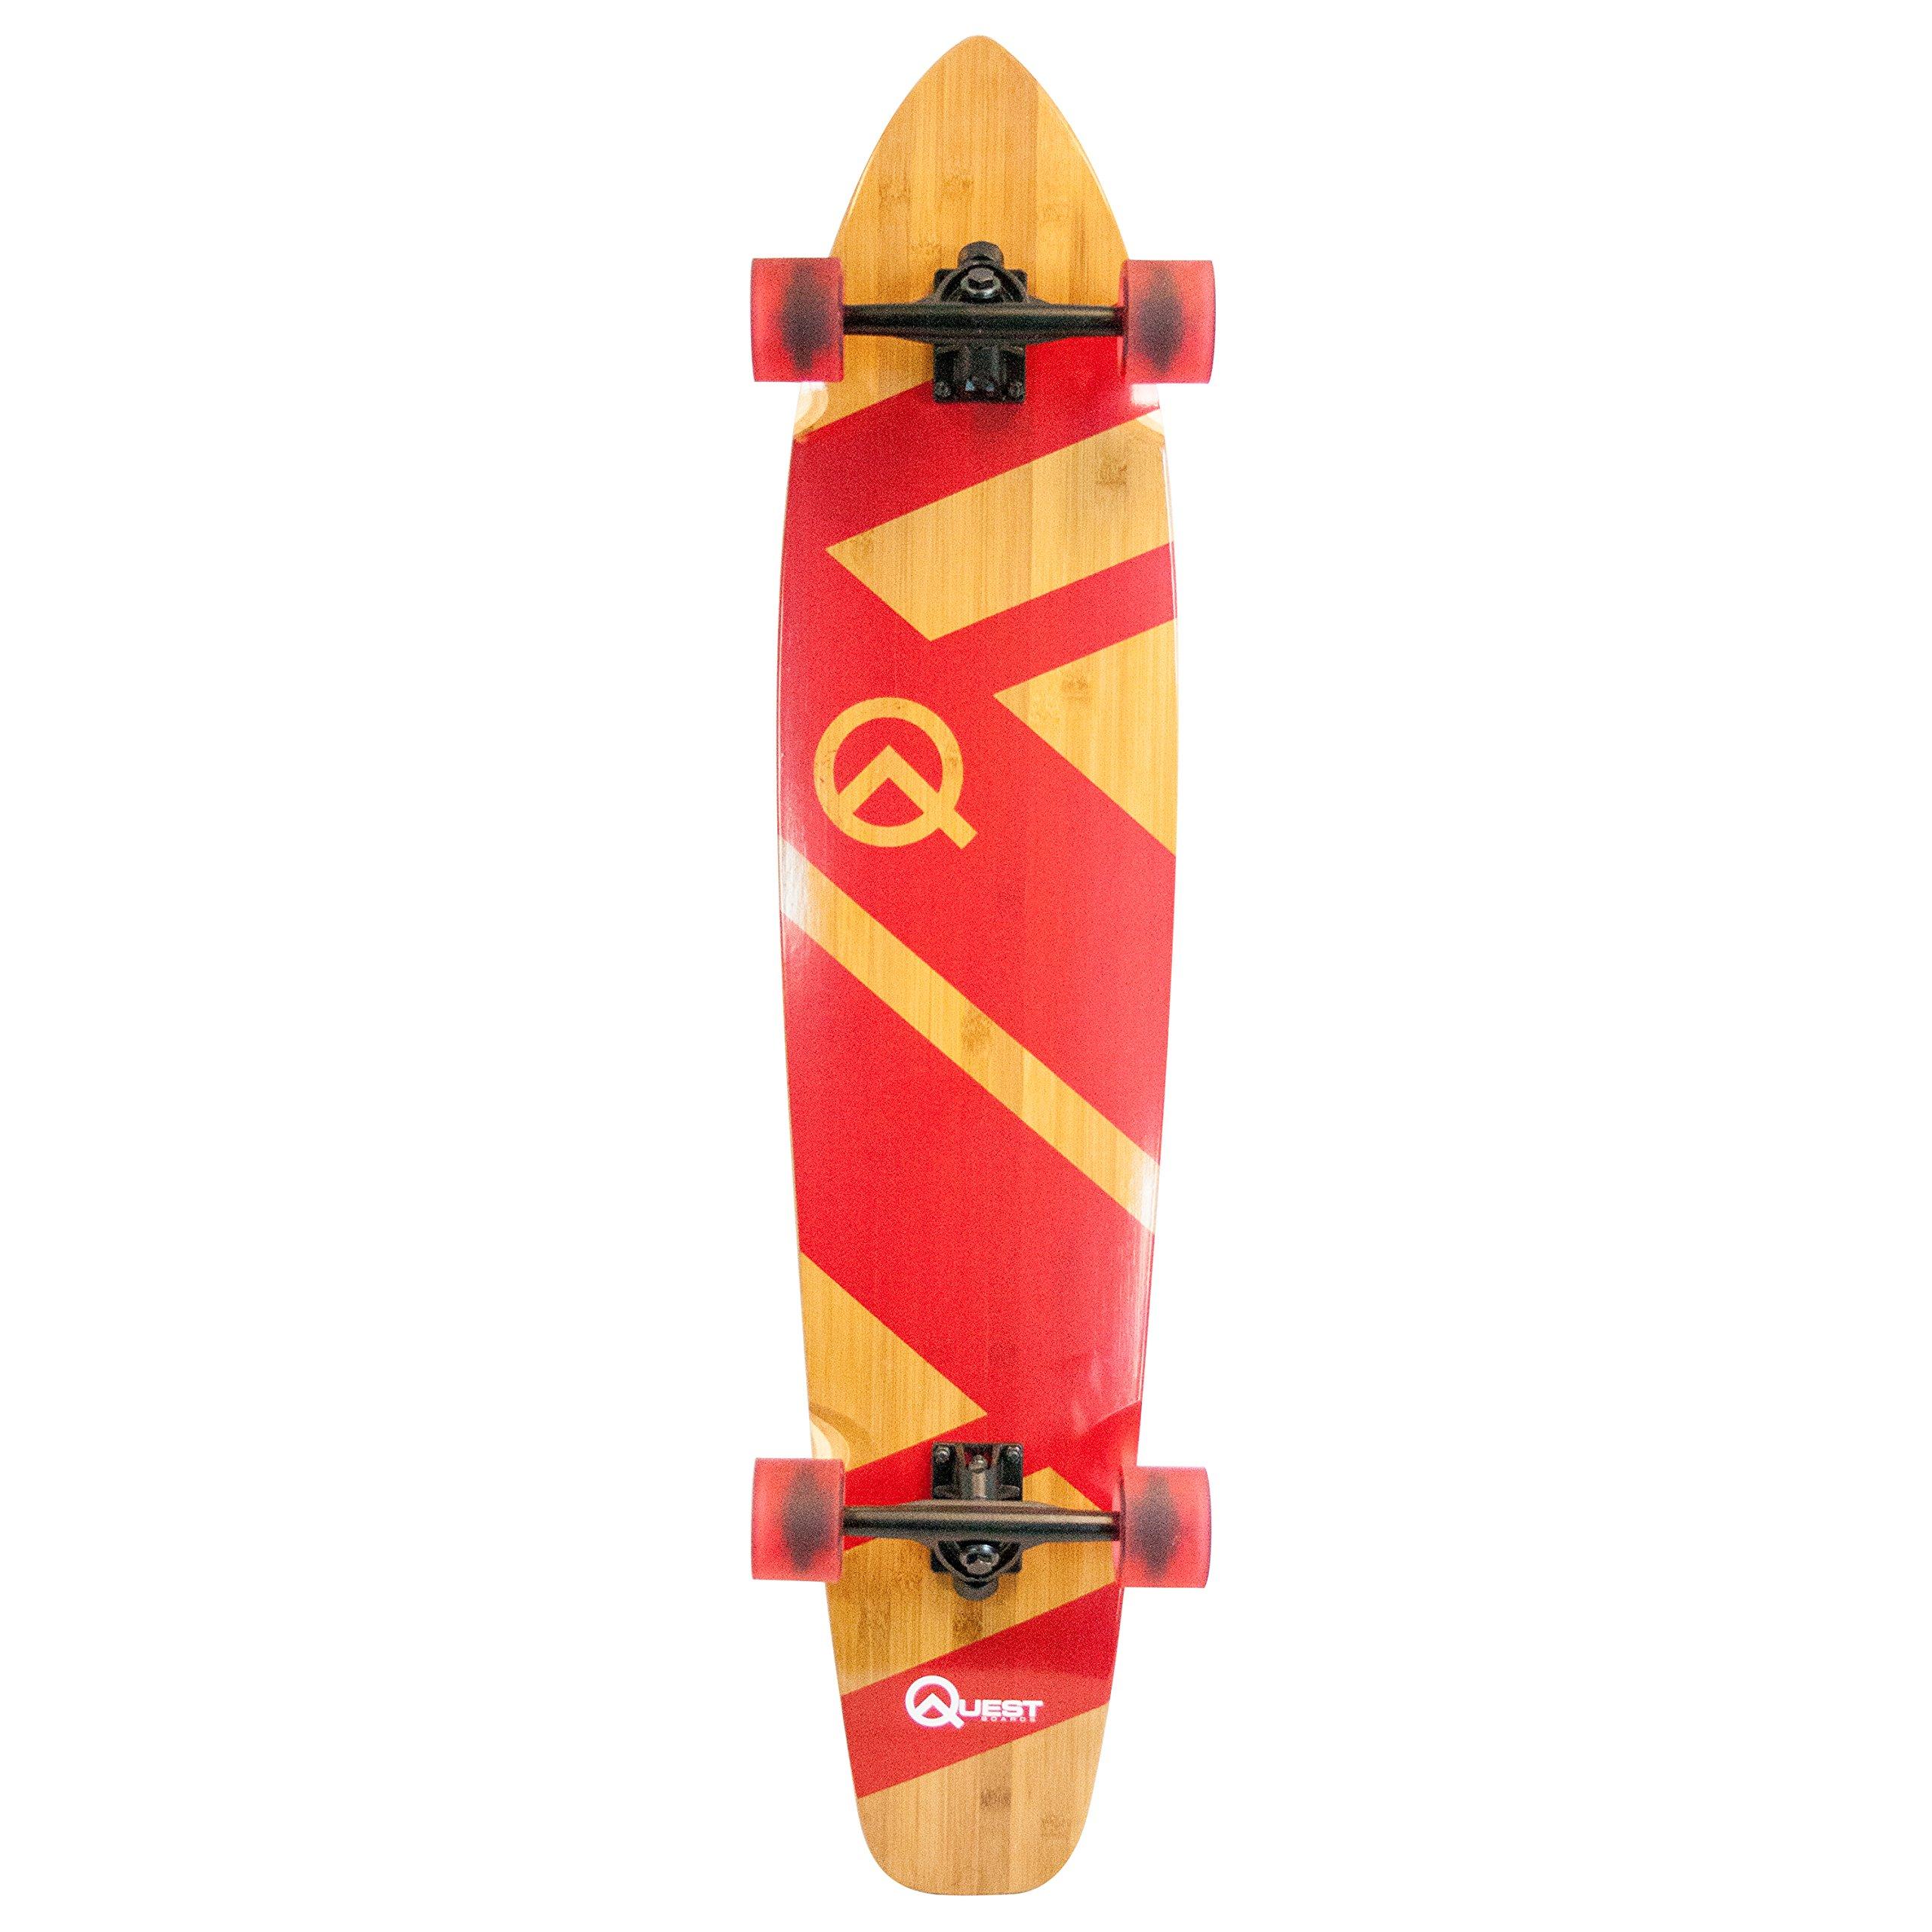 Quest Skateboards super Cruiser Crimson Bamboo & Maple Skateboard, Red, 44''